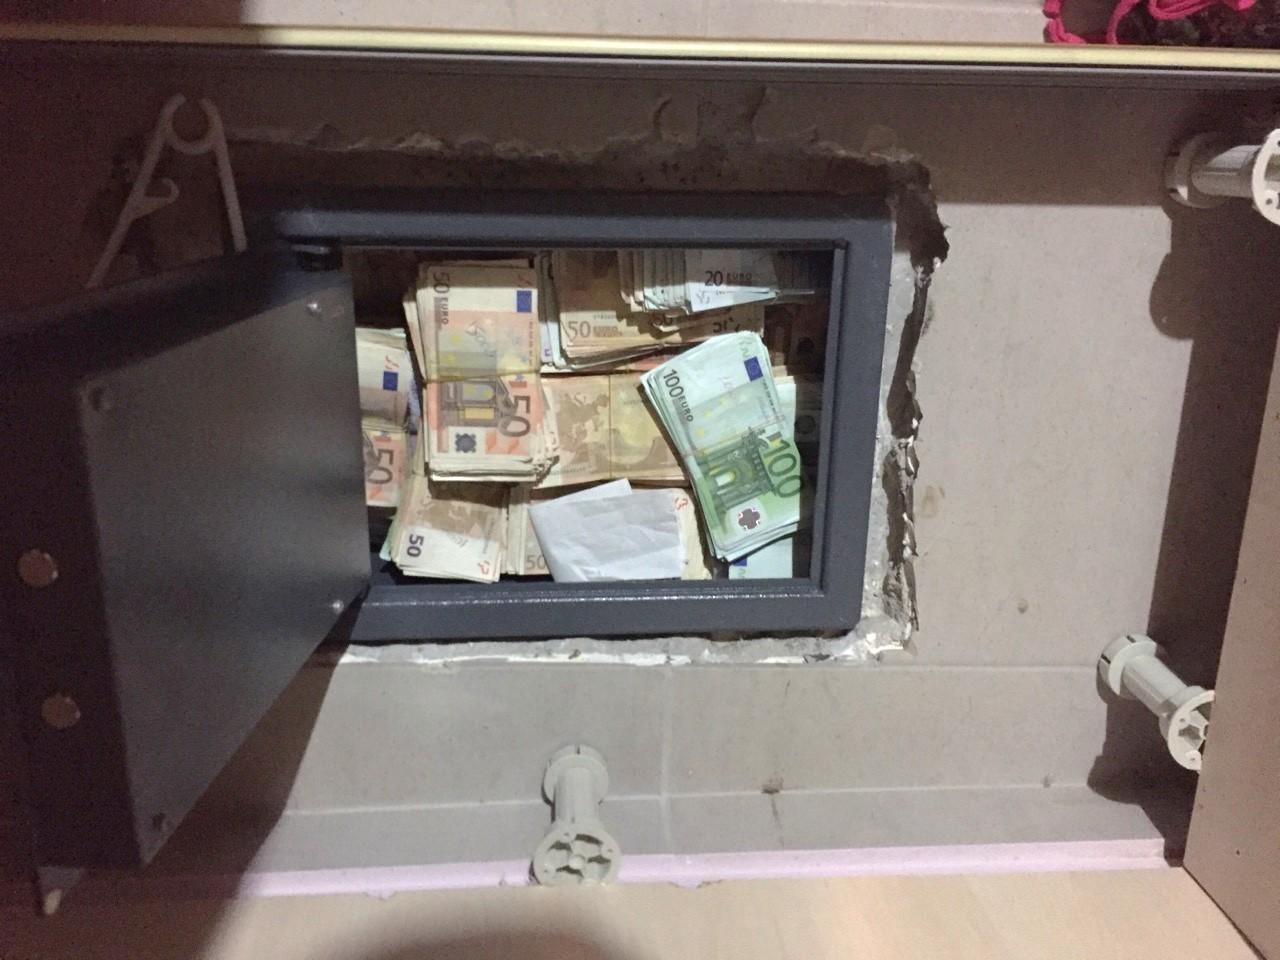 Θεσσαλονίκη: Νέα διάρρηξη μαμούθ στην Πυλαία! Το χρηματοκιβώτιο στο σπίτι δικαστικής λειτουργού έκρυβε ένα μικρό θησαυρό